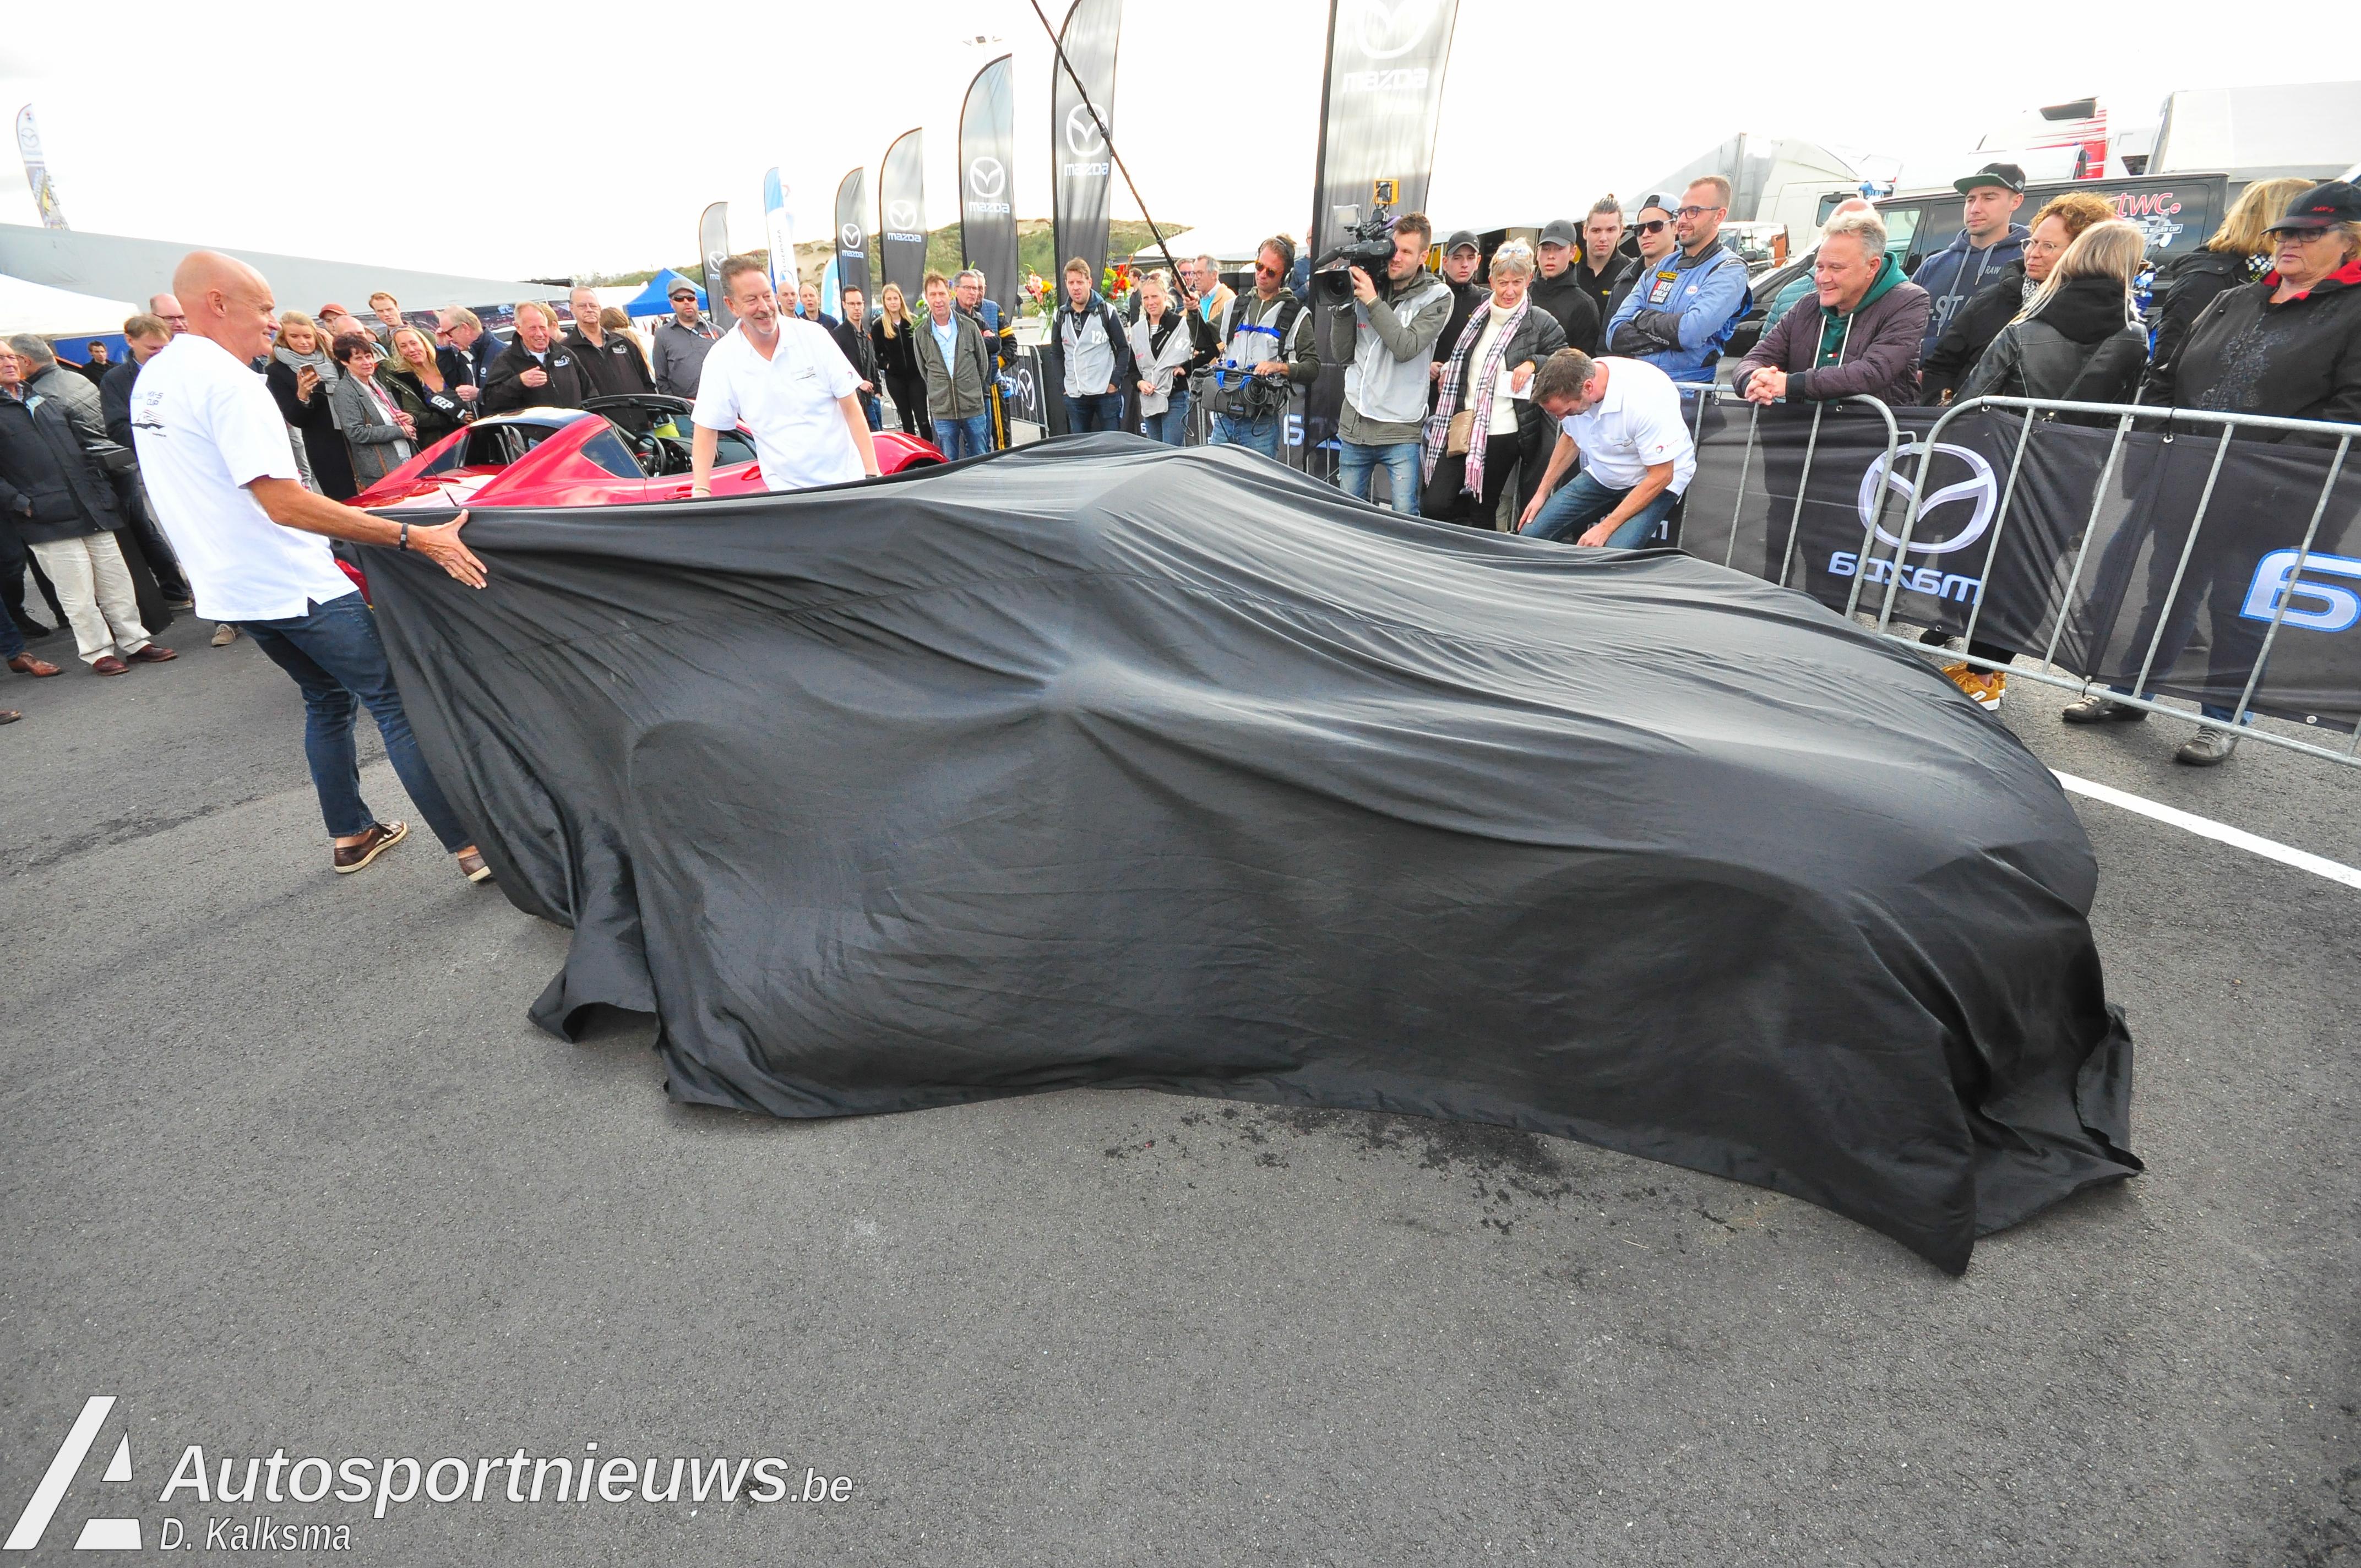 Mazda lanceert nieuw Nederlands racekampioenschap met vernieuwde MX-5